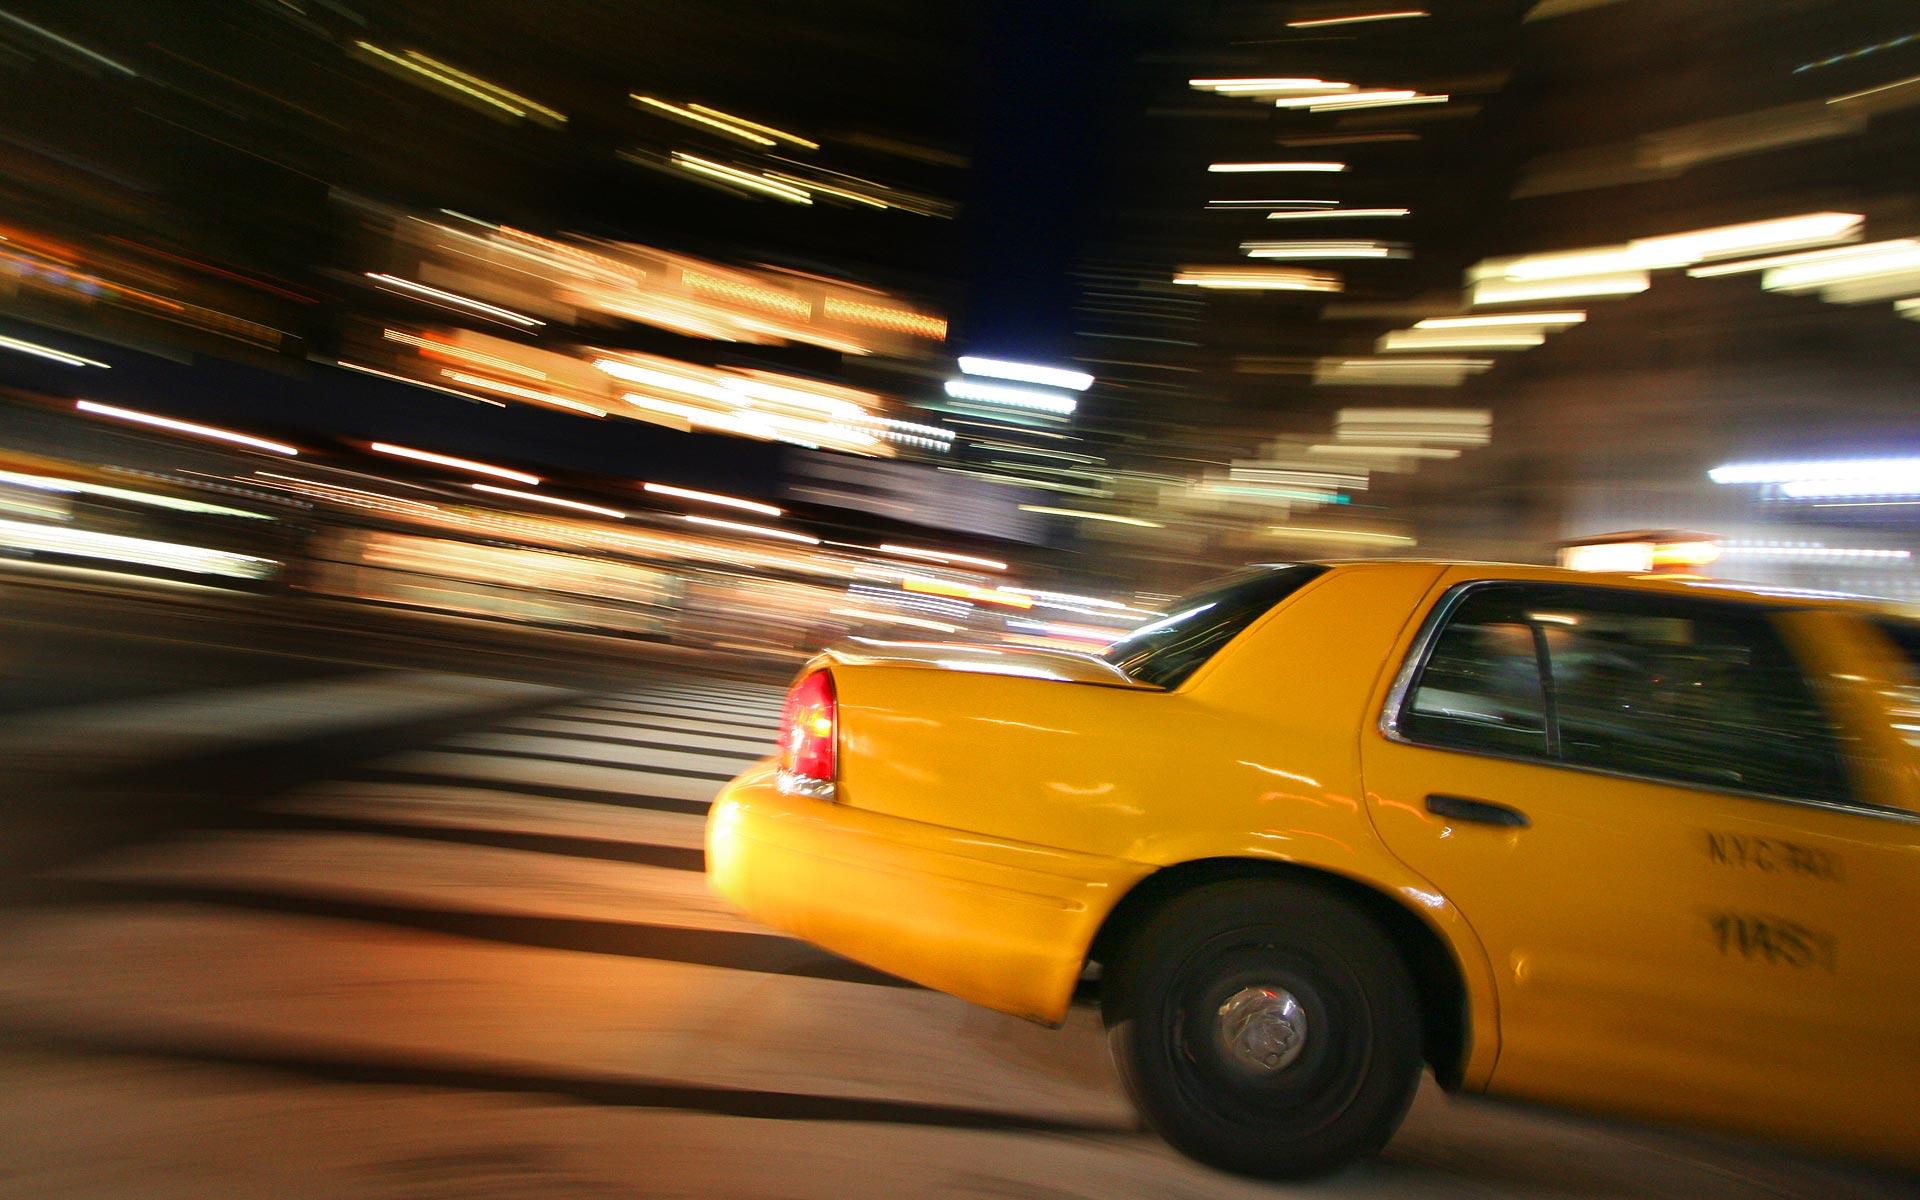 санкт-петербург такси устроиться на работу водителем